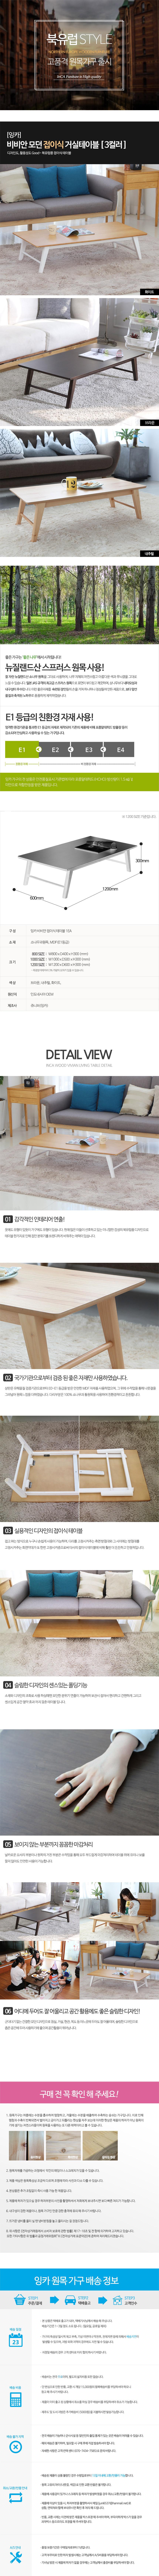 비비안 모던 접이식 테이블 3컬러 - 잉카, 47,000원, 거실 테이블, 접이식테이블